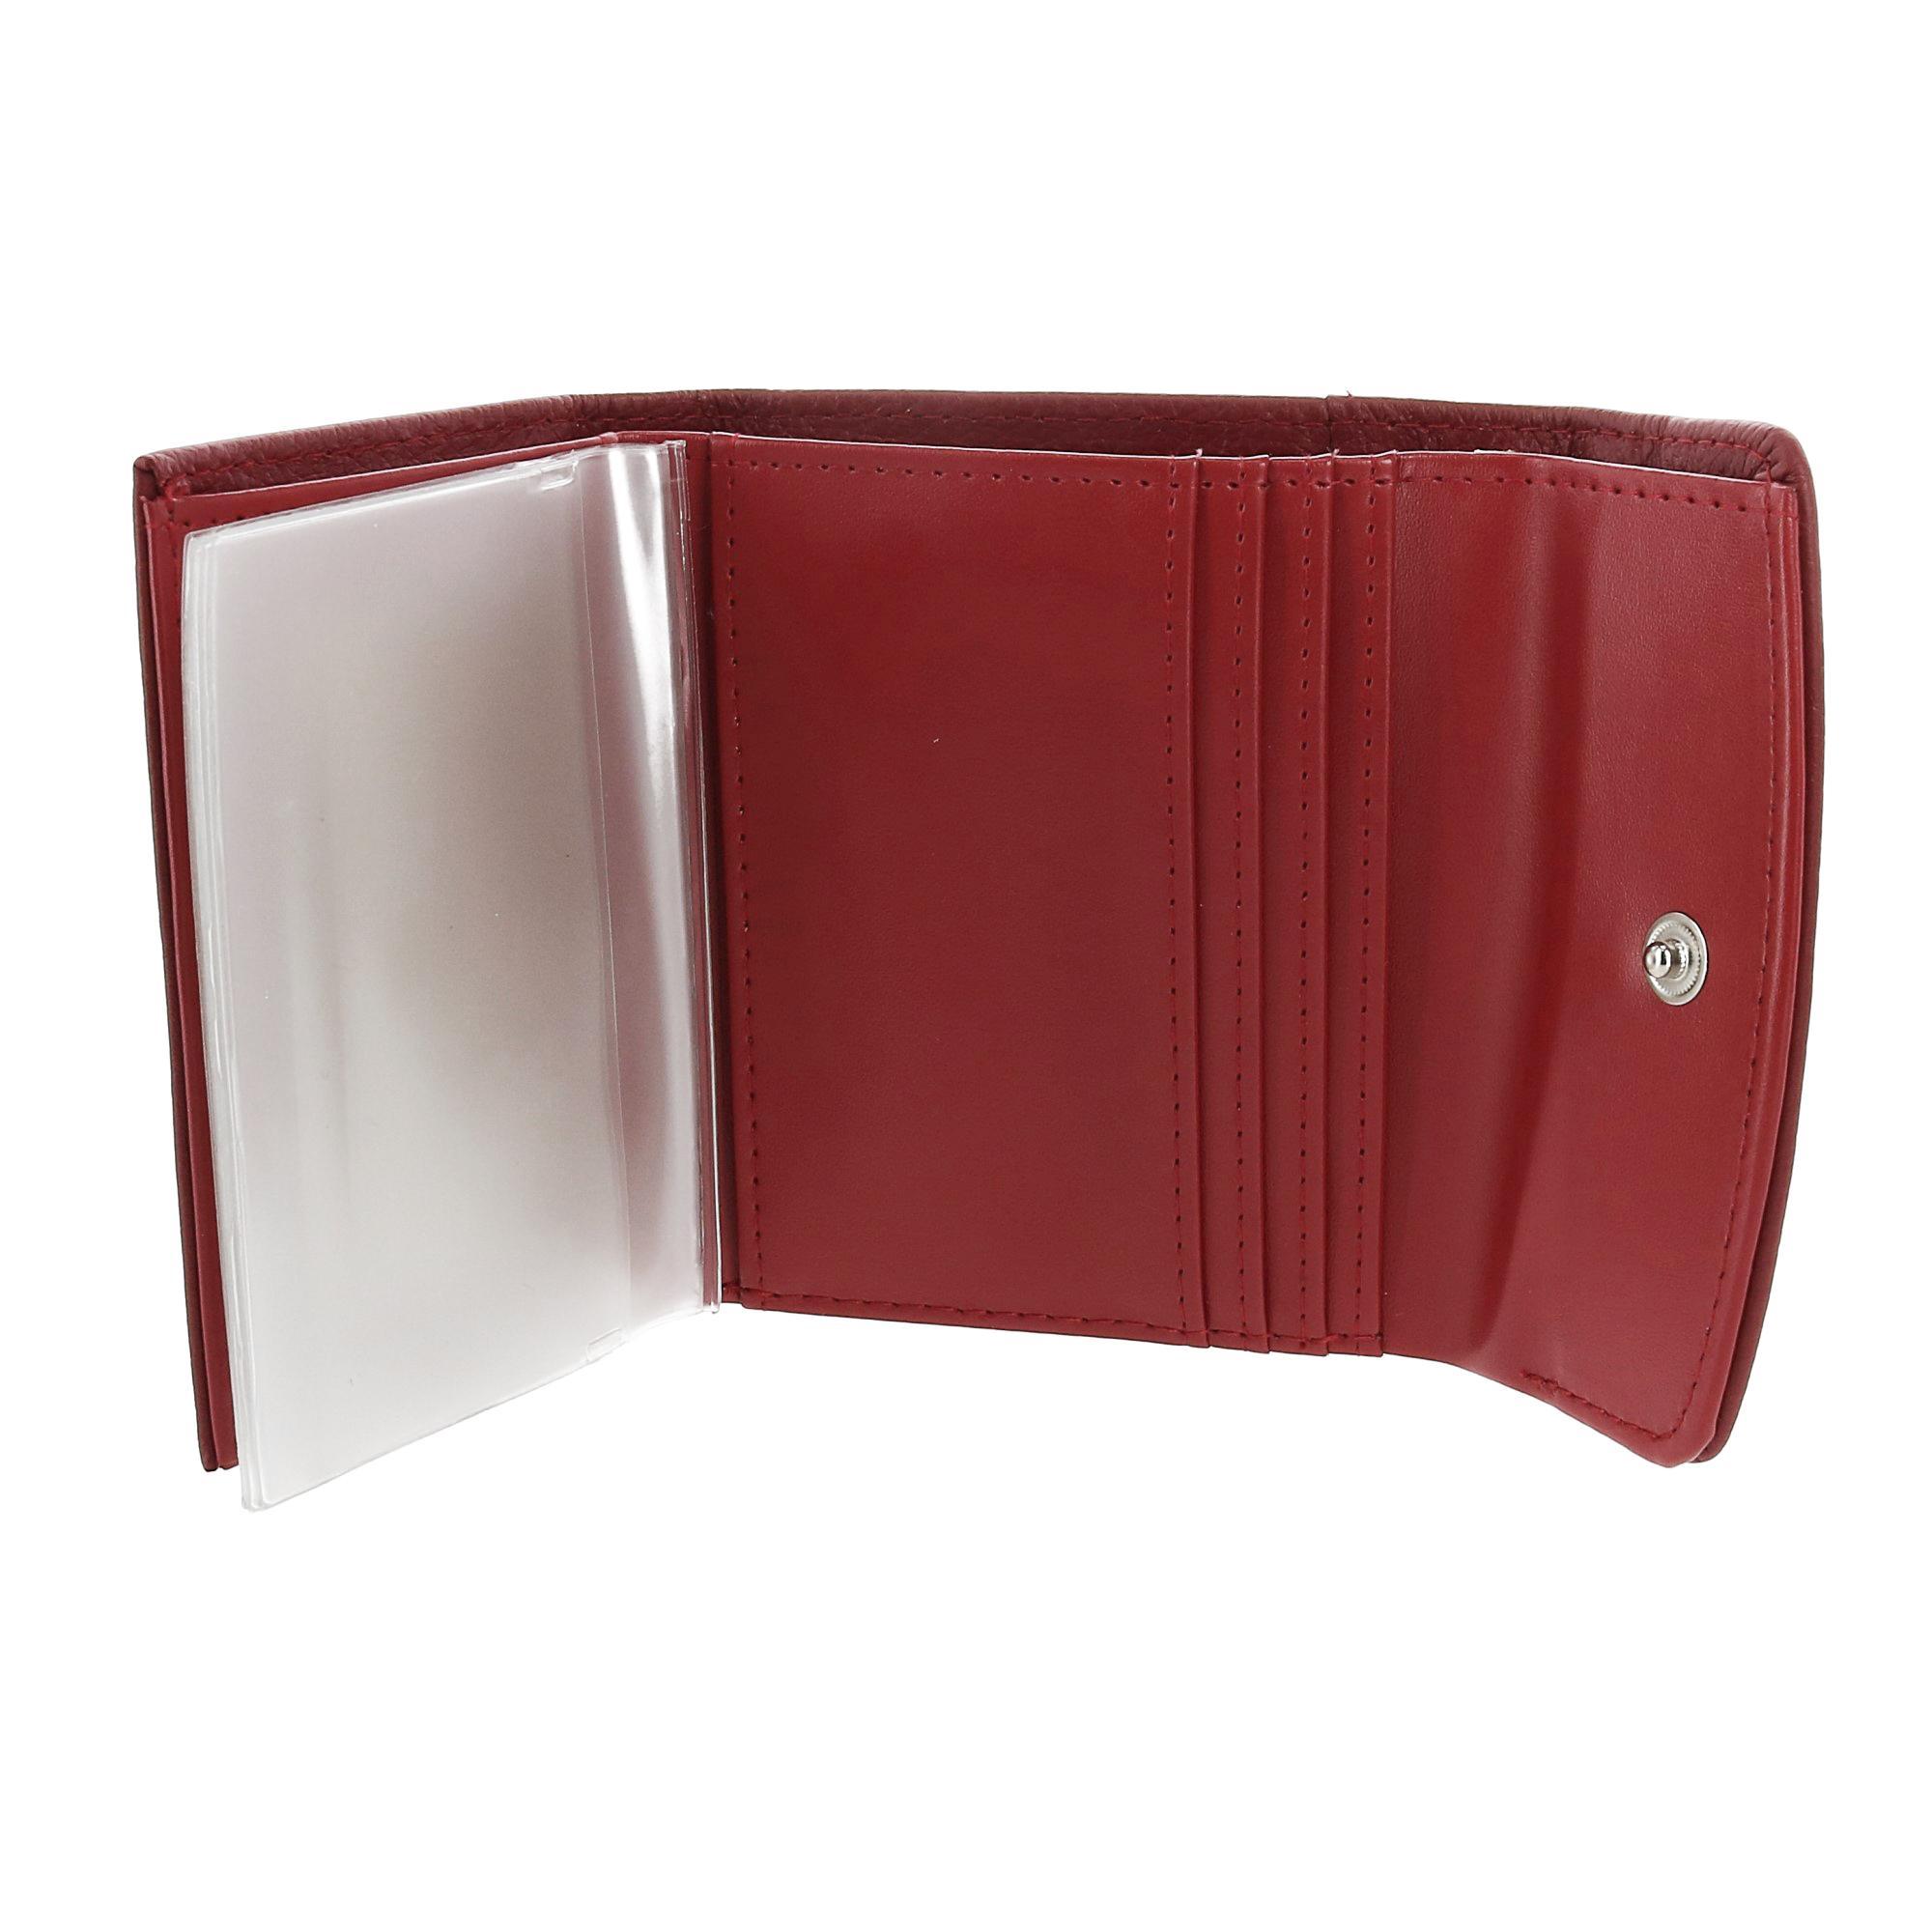 New-Buxton-Women-039-s-Leather-Mini-Tri-Fold-Wallet thumbnail 15